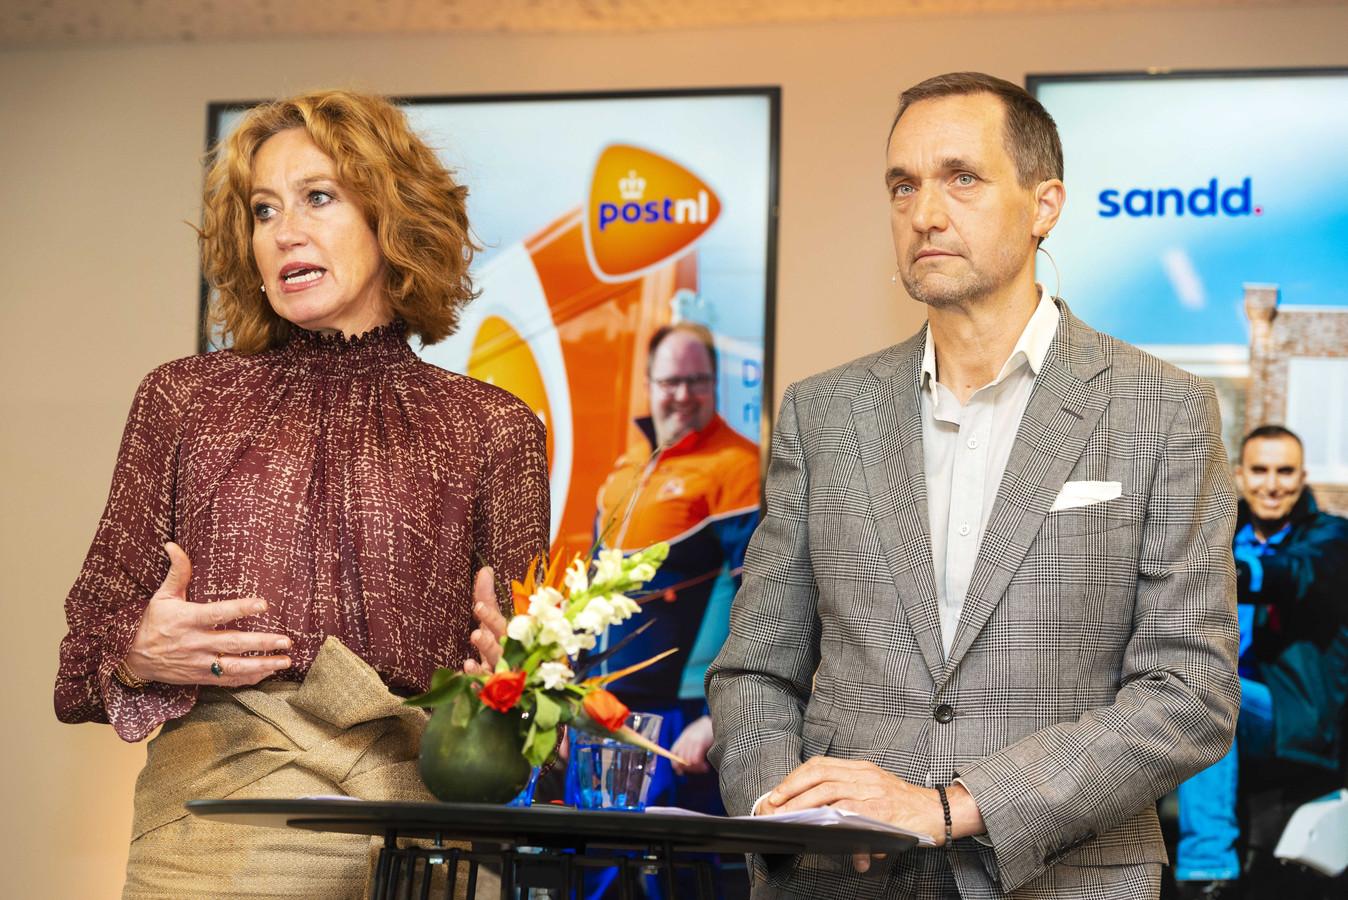 Herna Verhagen eerder dit jaar met Ronald van de Laar, ceo van Sandd. PostNL neemt kleine concurrent Sandd over, werd toen bekend.